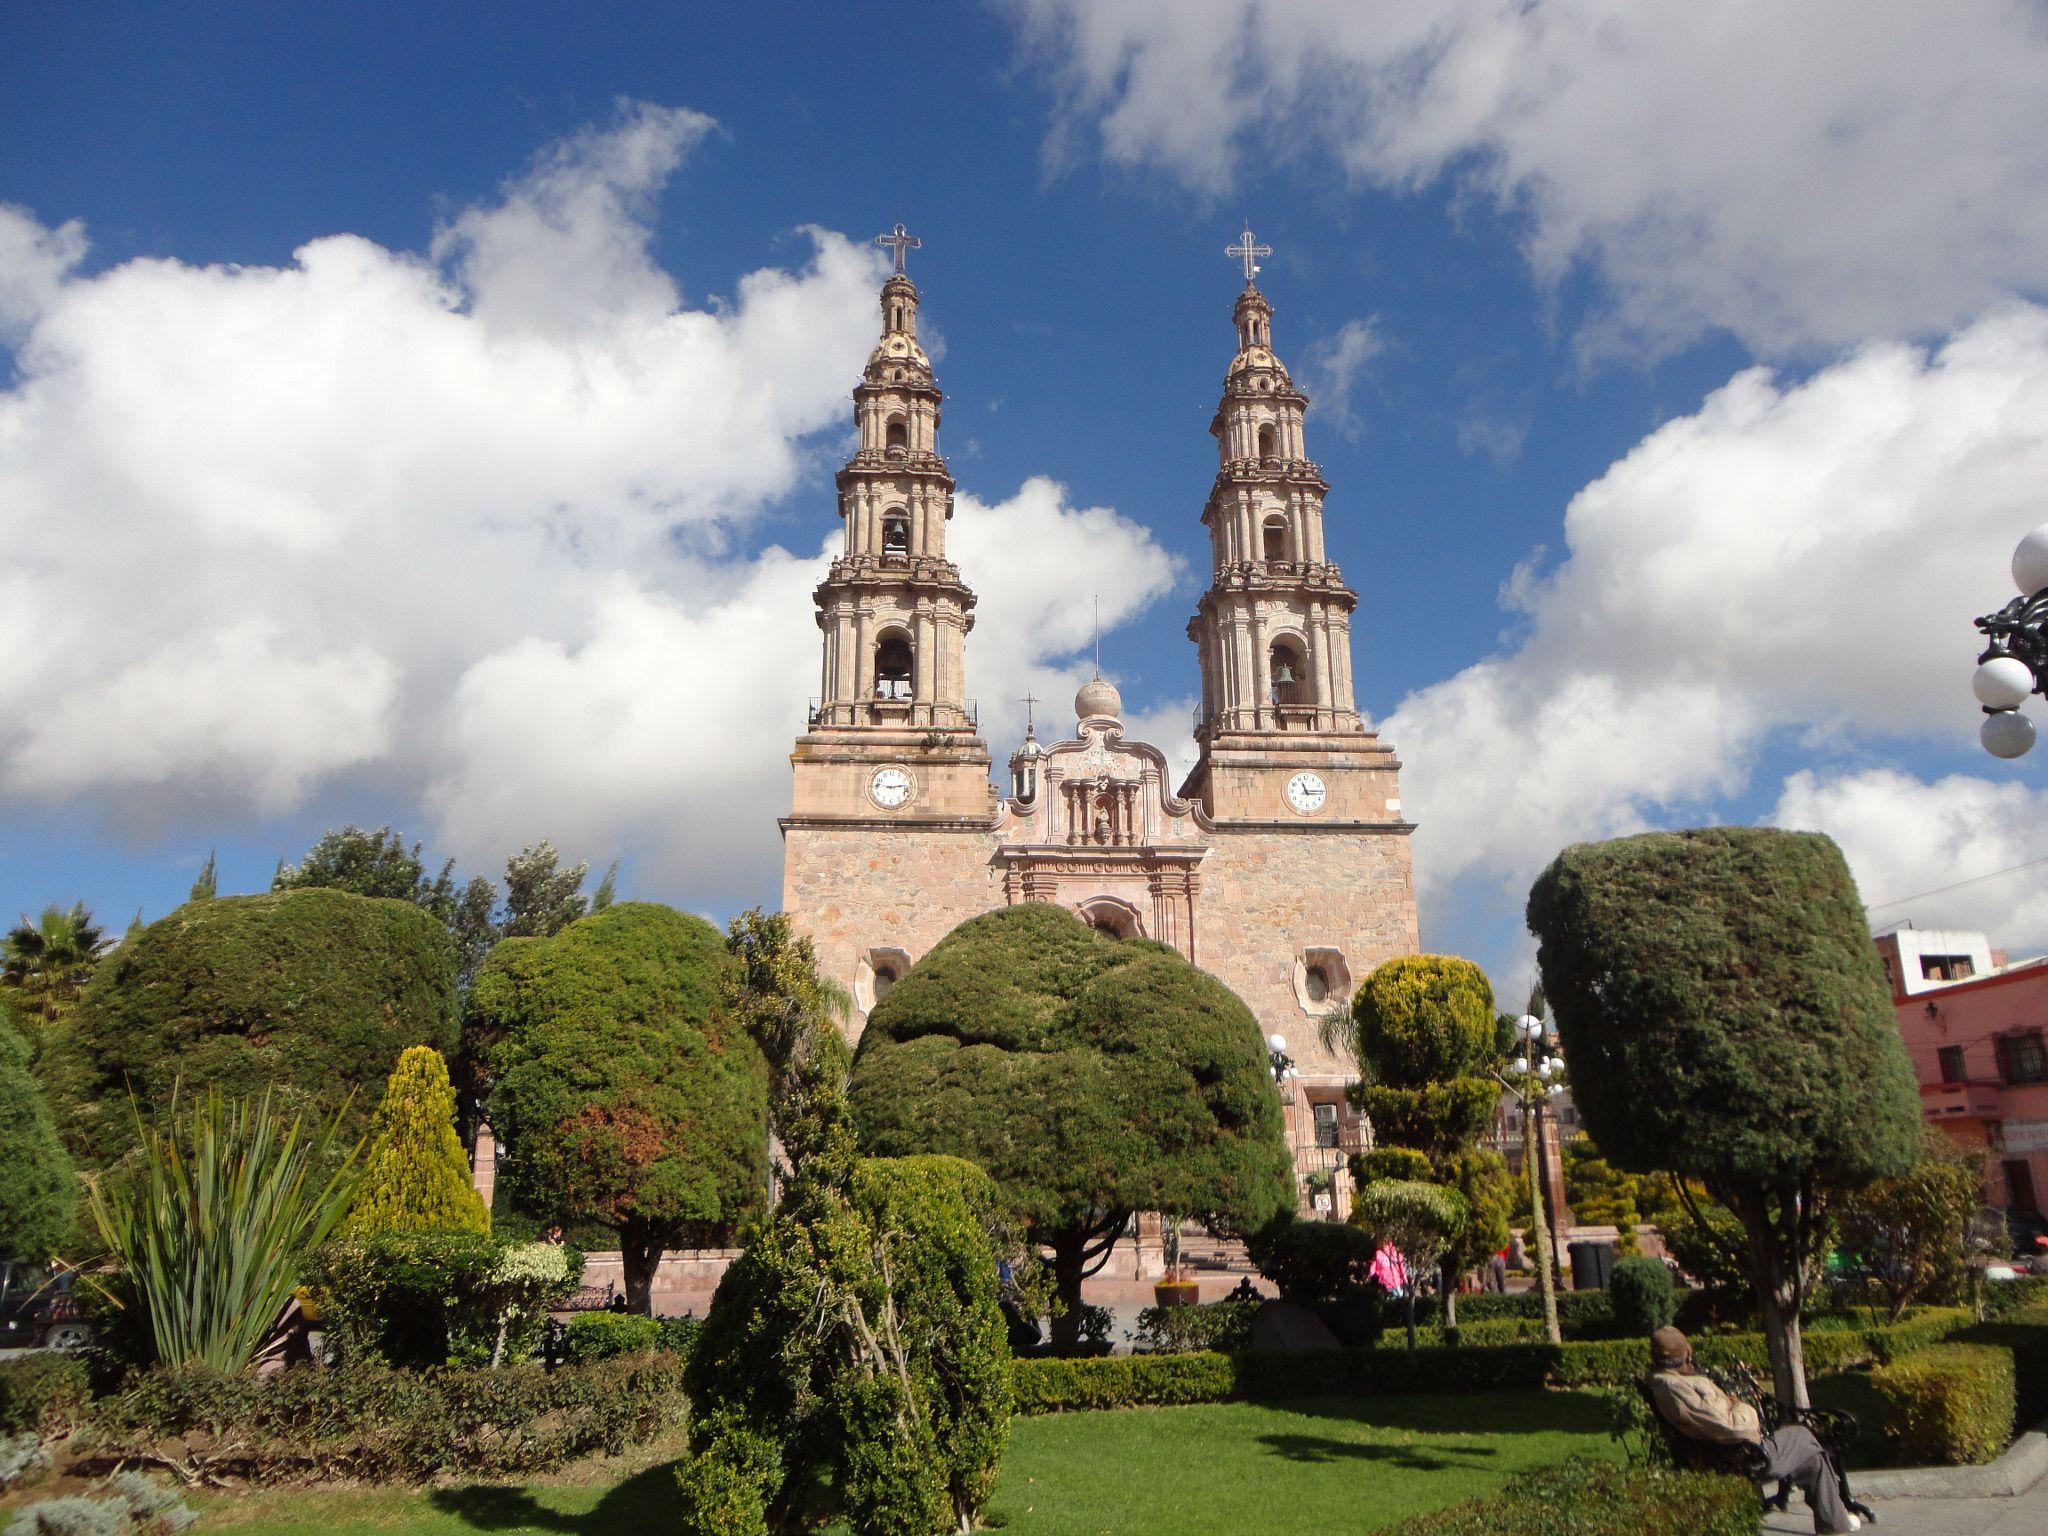 Parroquia de nuestra Señora de Encarnación, en Encarnación de Diaz, Jalisco, México.